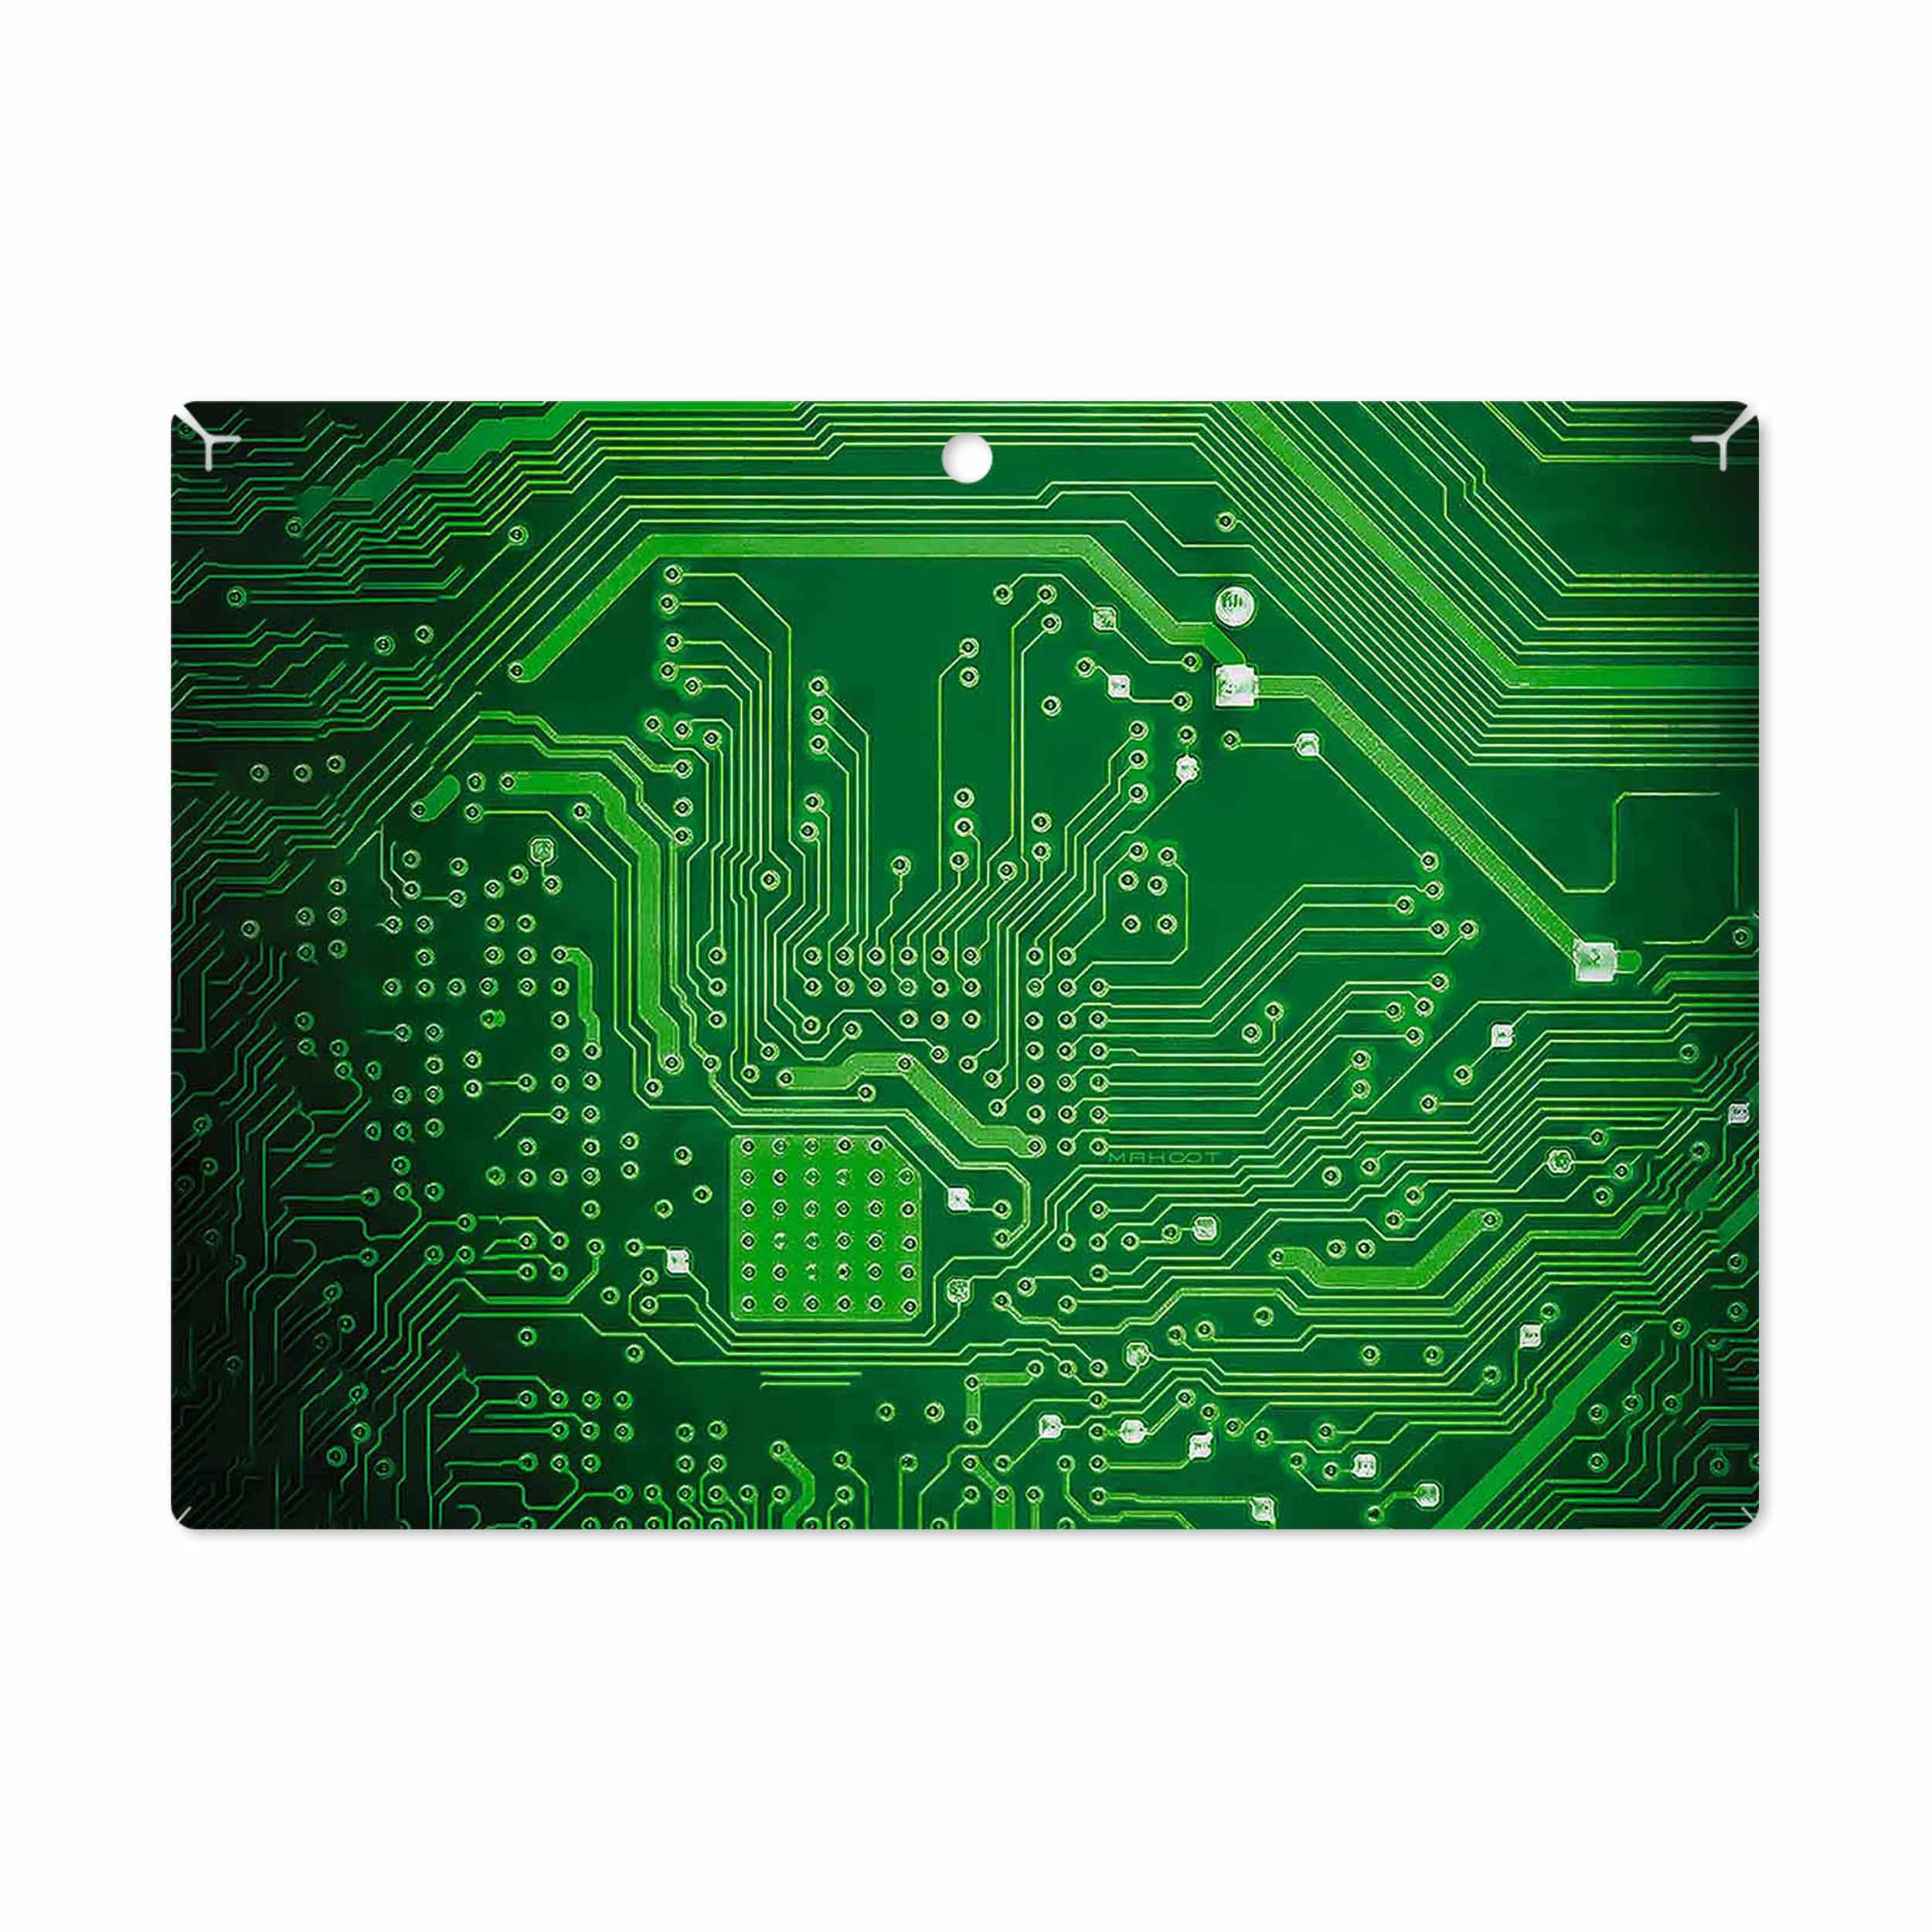 بررسی و خرید [با تخفیف]                                     برچسب پوششی ماهوت مدل Green Printed Circuit Board مناسب برای تبلت لنوو Miix 320 2017                             اورجینال